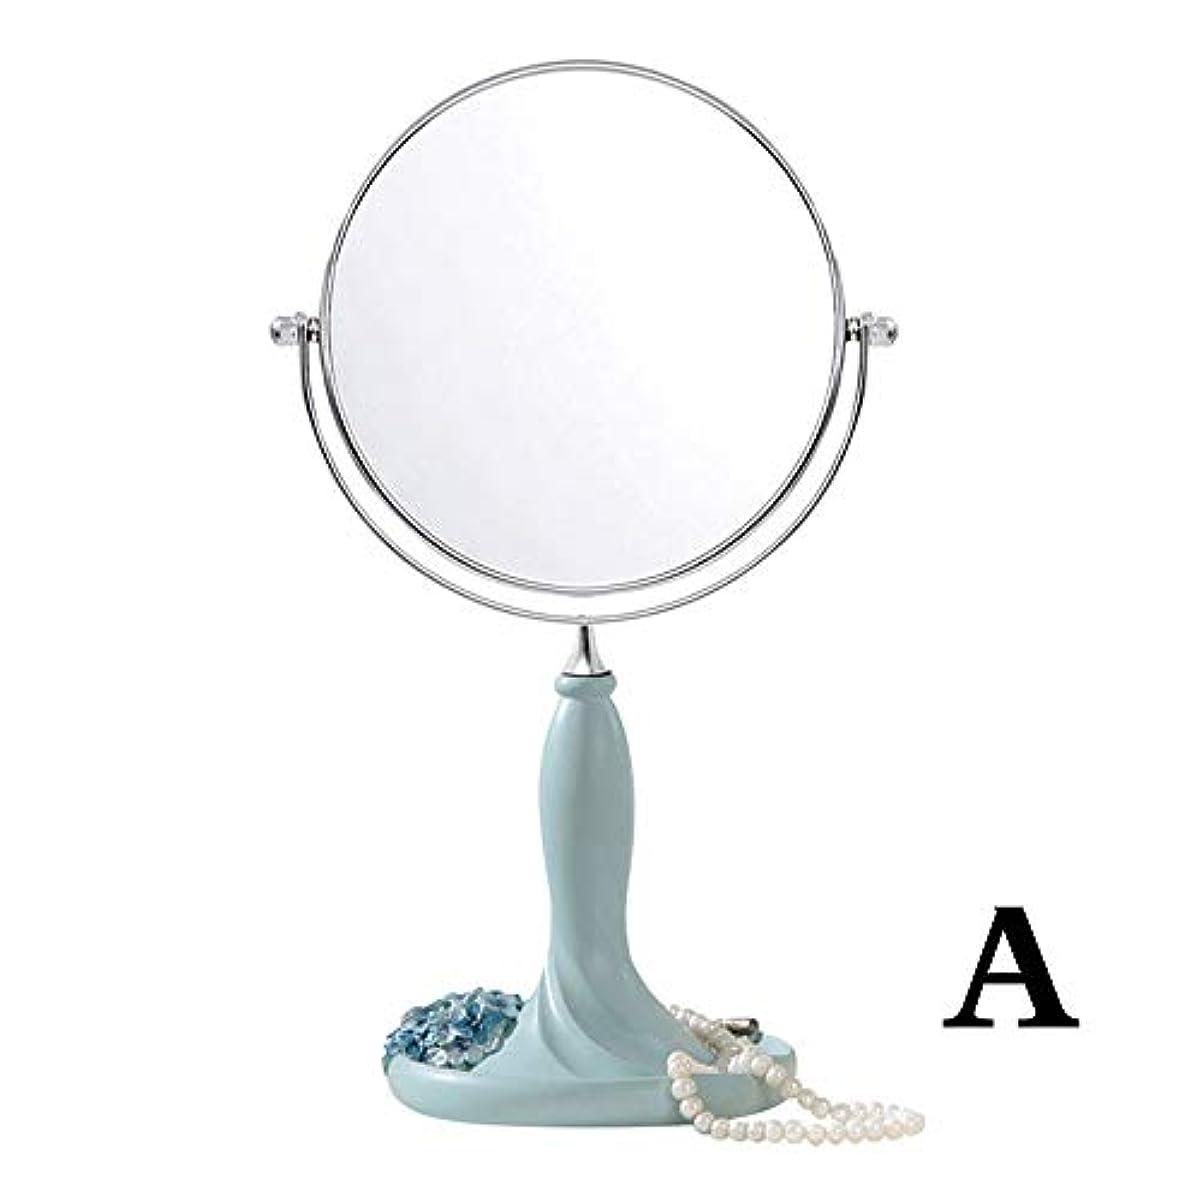 照明付き化粧鏡 6-8インチメイクアップミラー台座テーブルミラー、浴室用寝室、シェービングミラー化粧用化粧台化粧鏡両面クロム自立化粧鏡3倍ズーム 化粧鏡 (Color : Green, Size : 8 Inch)